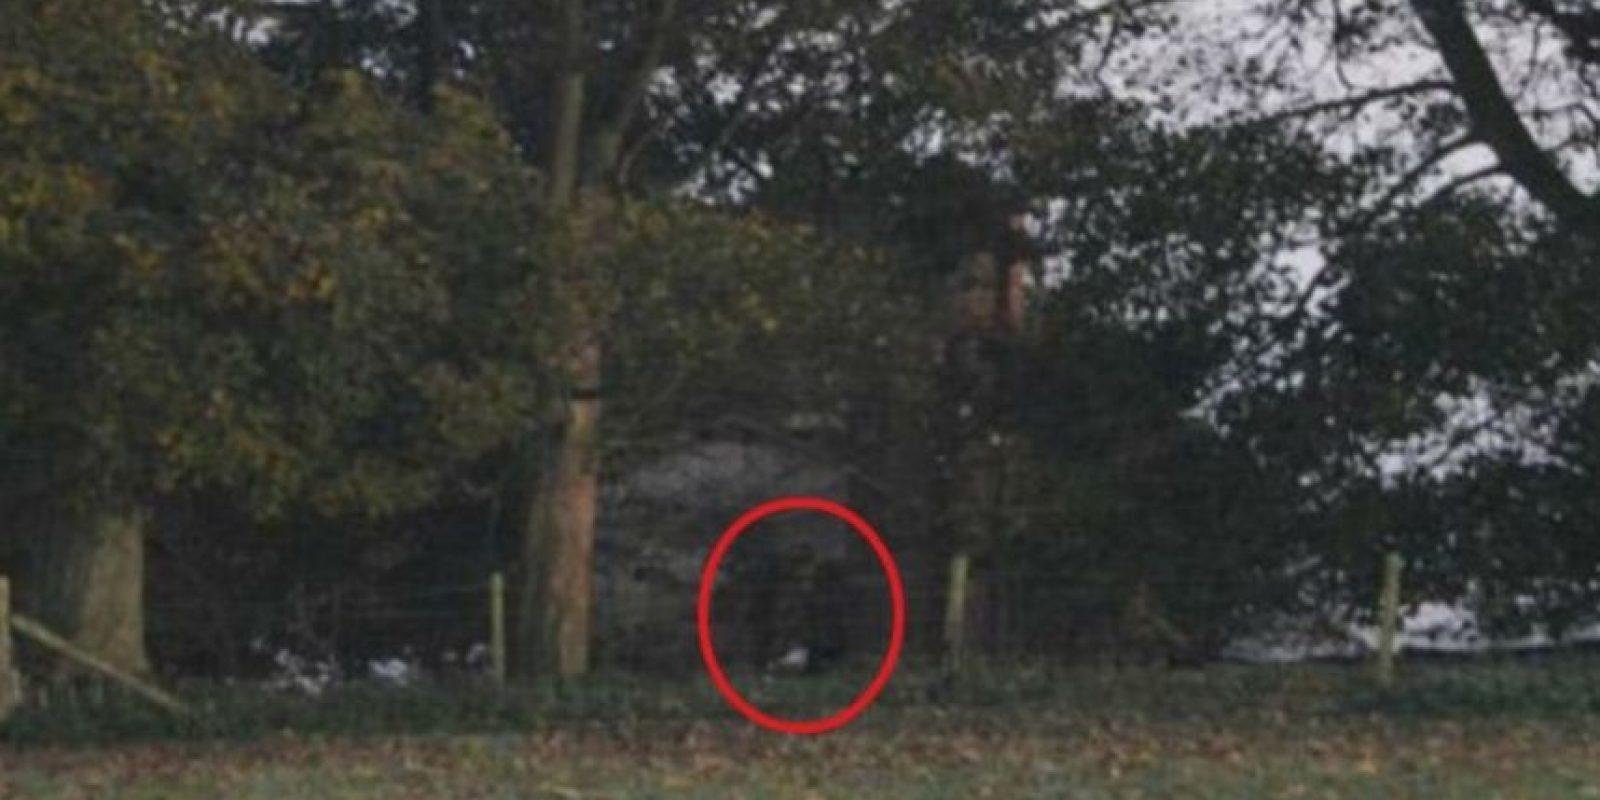 5. La imagen fue tomada por el fotógrafo amateur Jamie Brassington en Staffordshire, Reino Unido, quien visitó la zona para tomar algunas imágenes de la niebla y el campo. Foto:Vía Jimie Brassington/Expressandstar